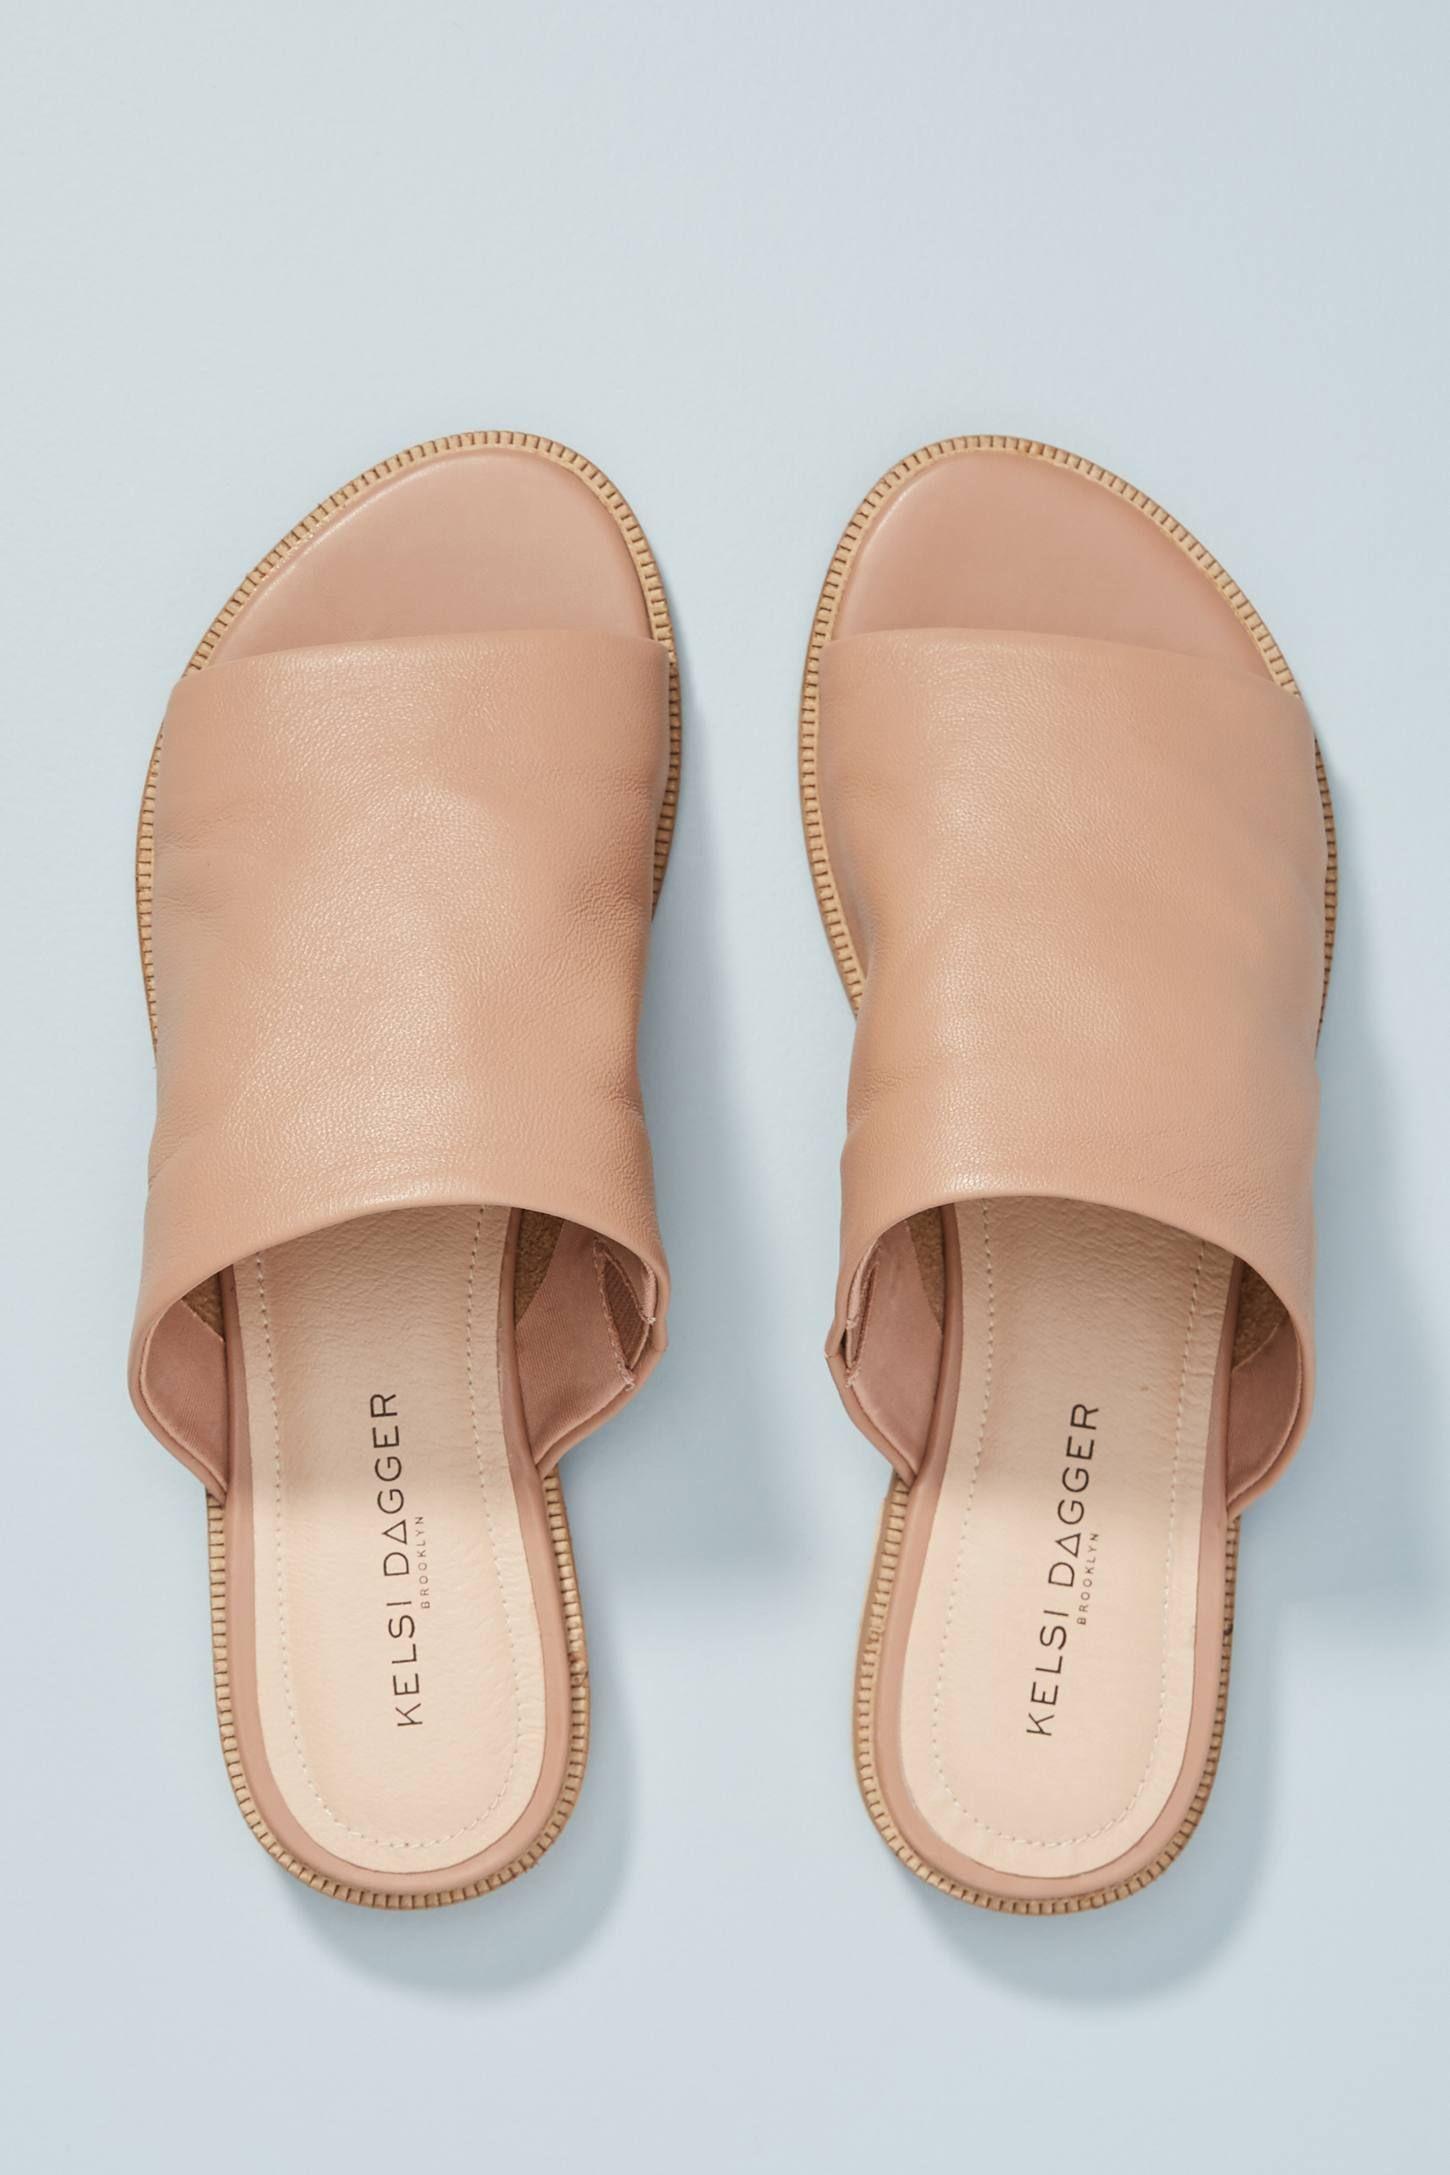 8854e20caf22 Kelsi Dagger Brooklyn Ruthie Slide Sandals